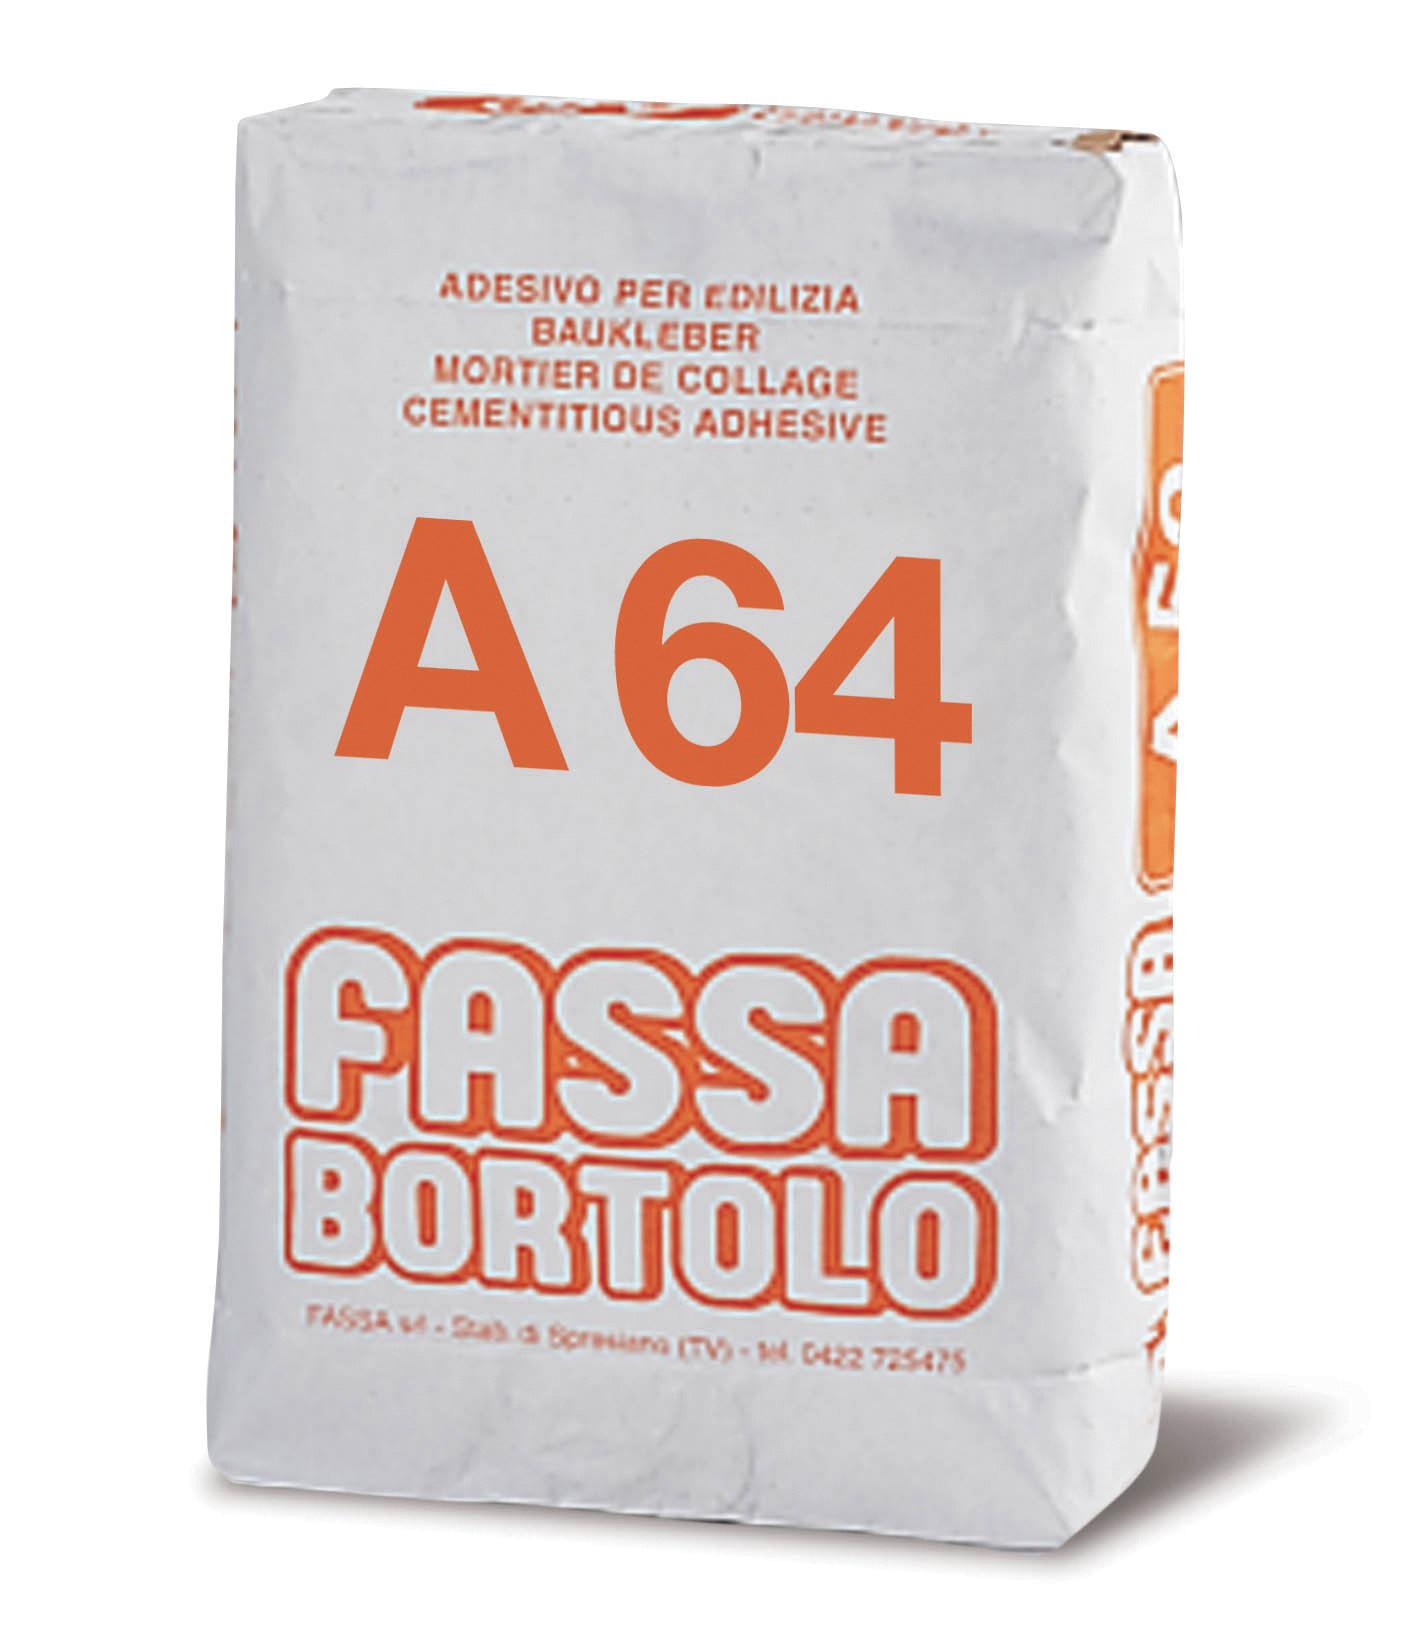 A 64: Weißer Baukleber auf Kalk-Zementbasis